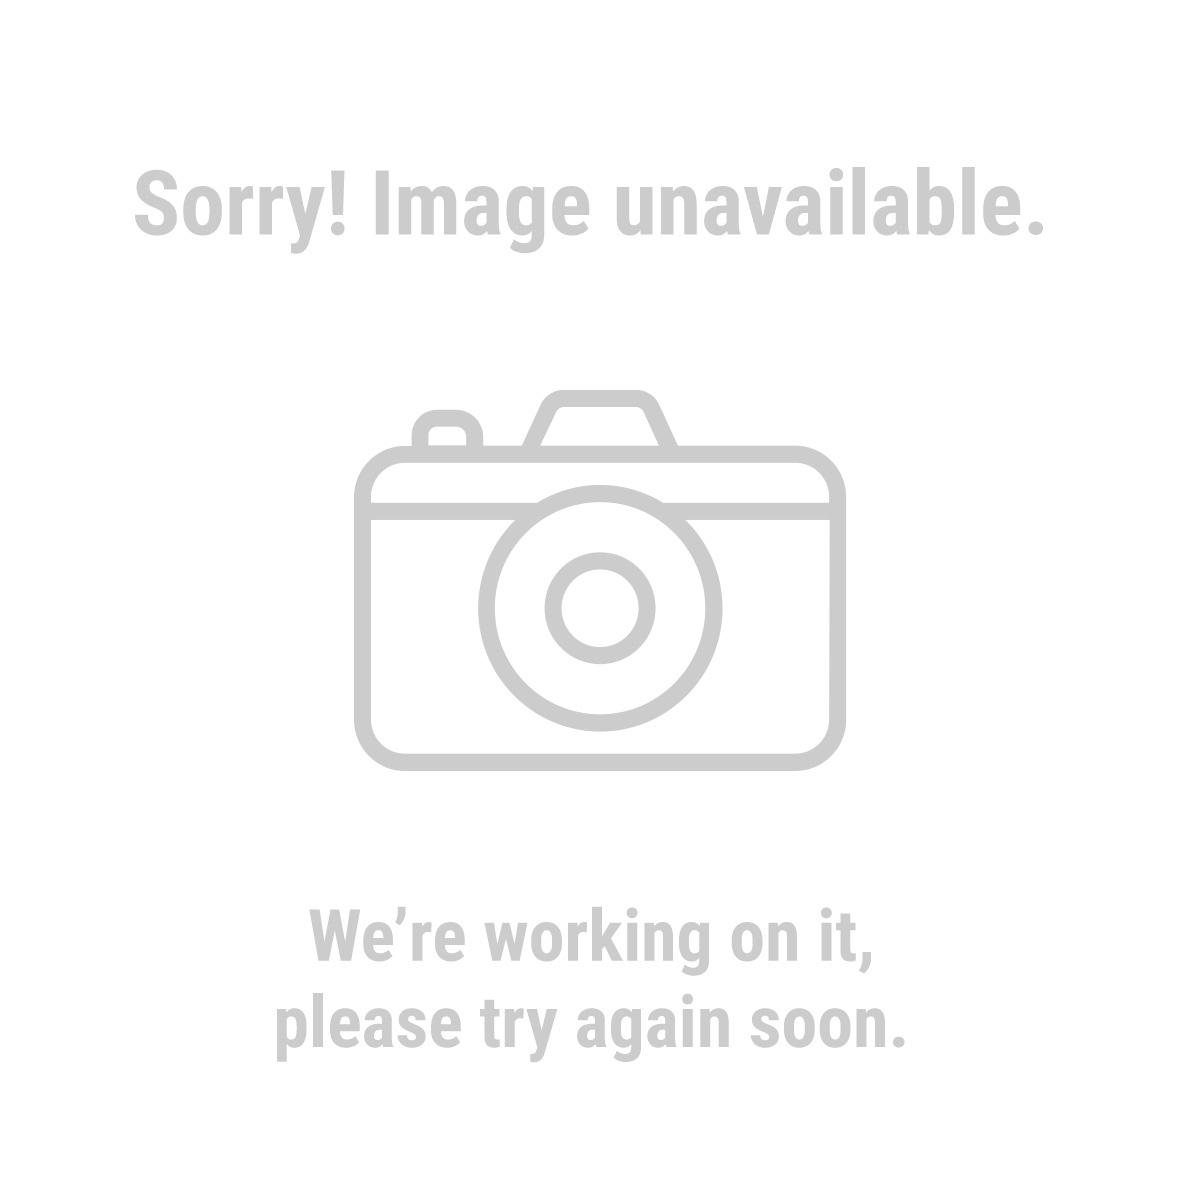 12 hp general purpose electric motor